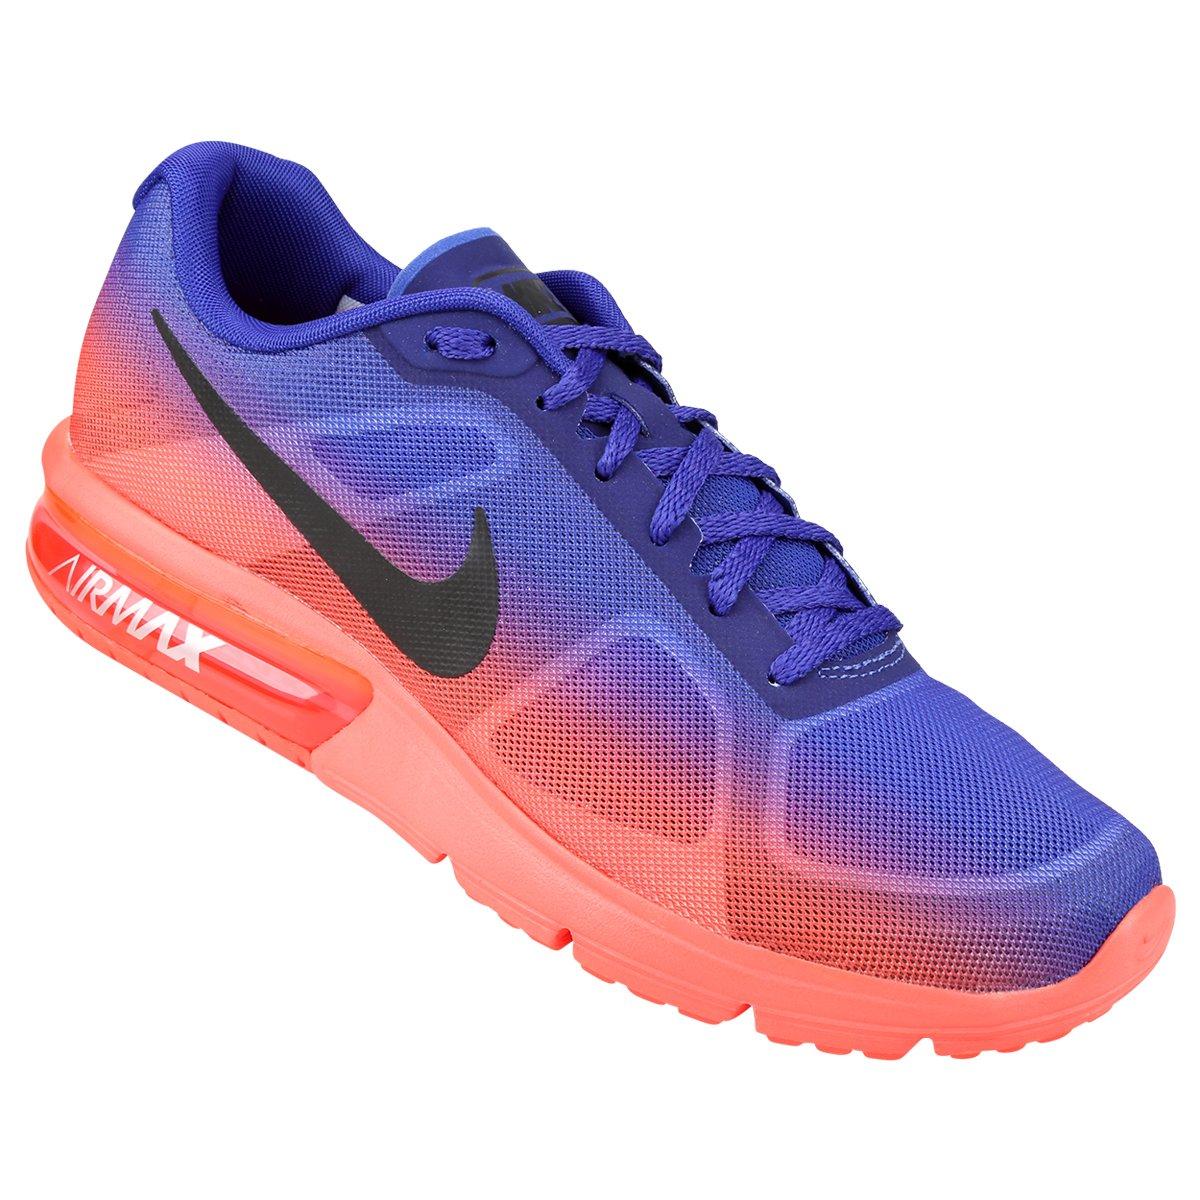 016b2a3953e86 Tênis Nike Air Max Sequent Masculino - Compre Agora